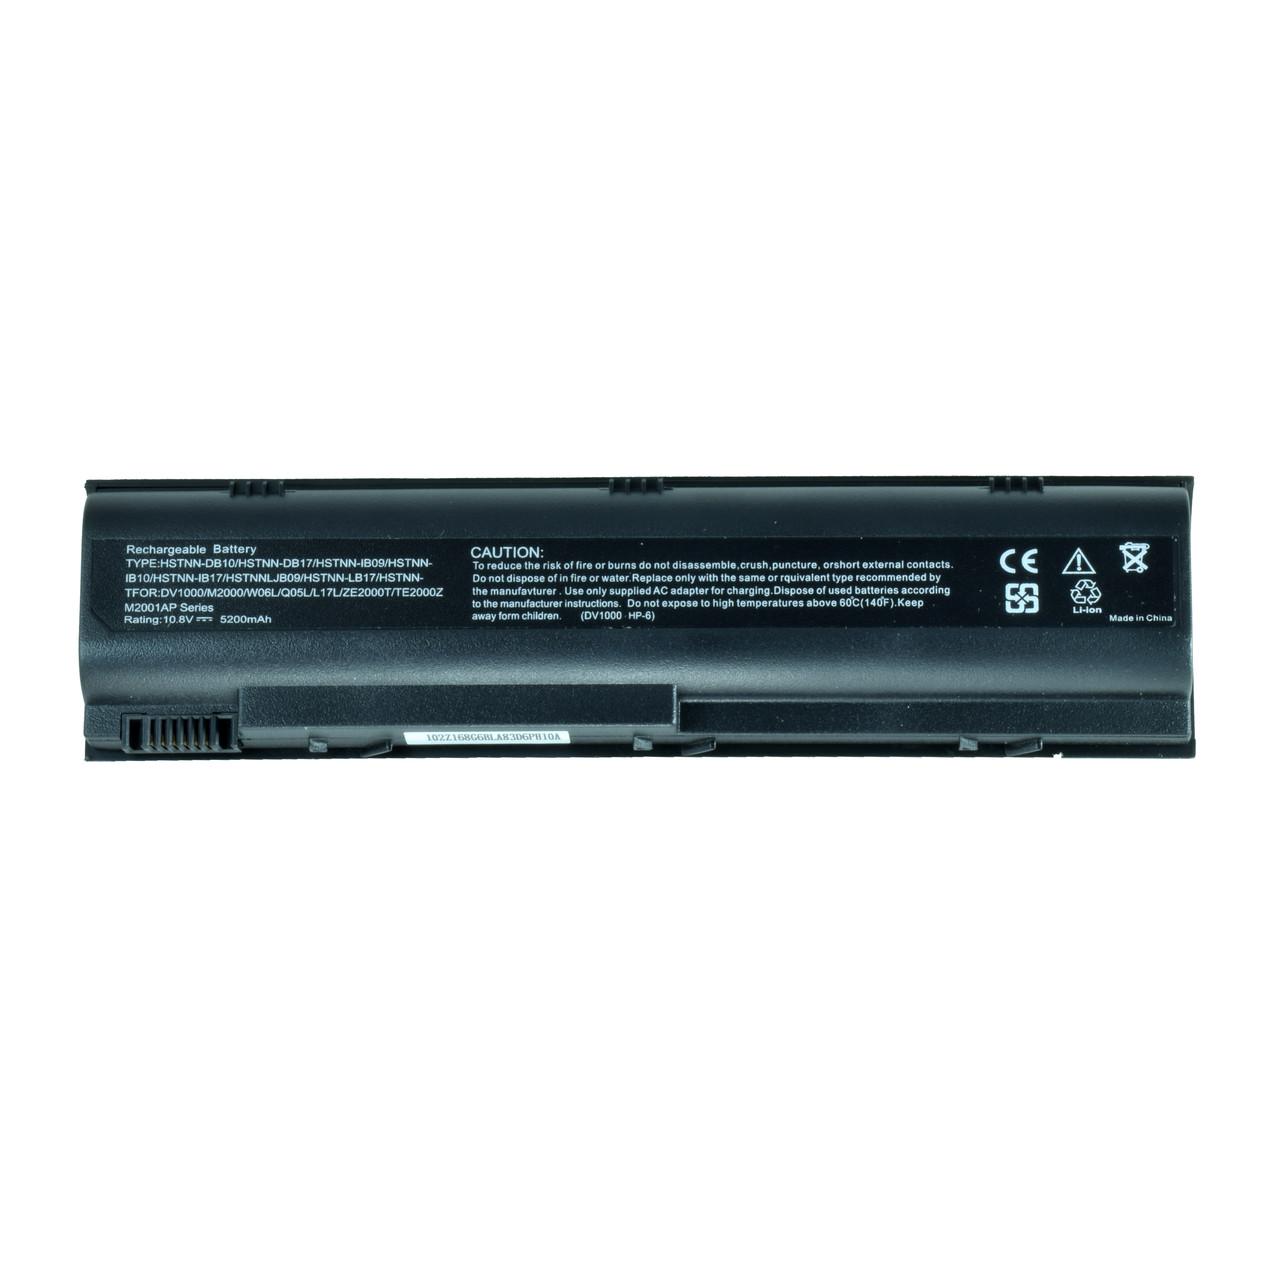 Батарея для ноутбука HP G3000 G3000EA G3050EA G3051EA G5000 G5001TU G5002EA G5002TU G5003EA G5071TU